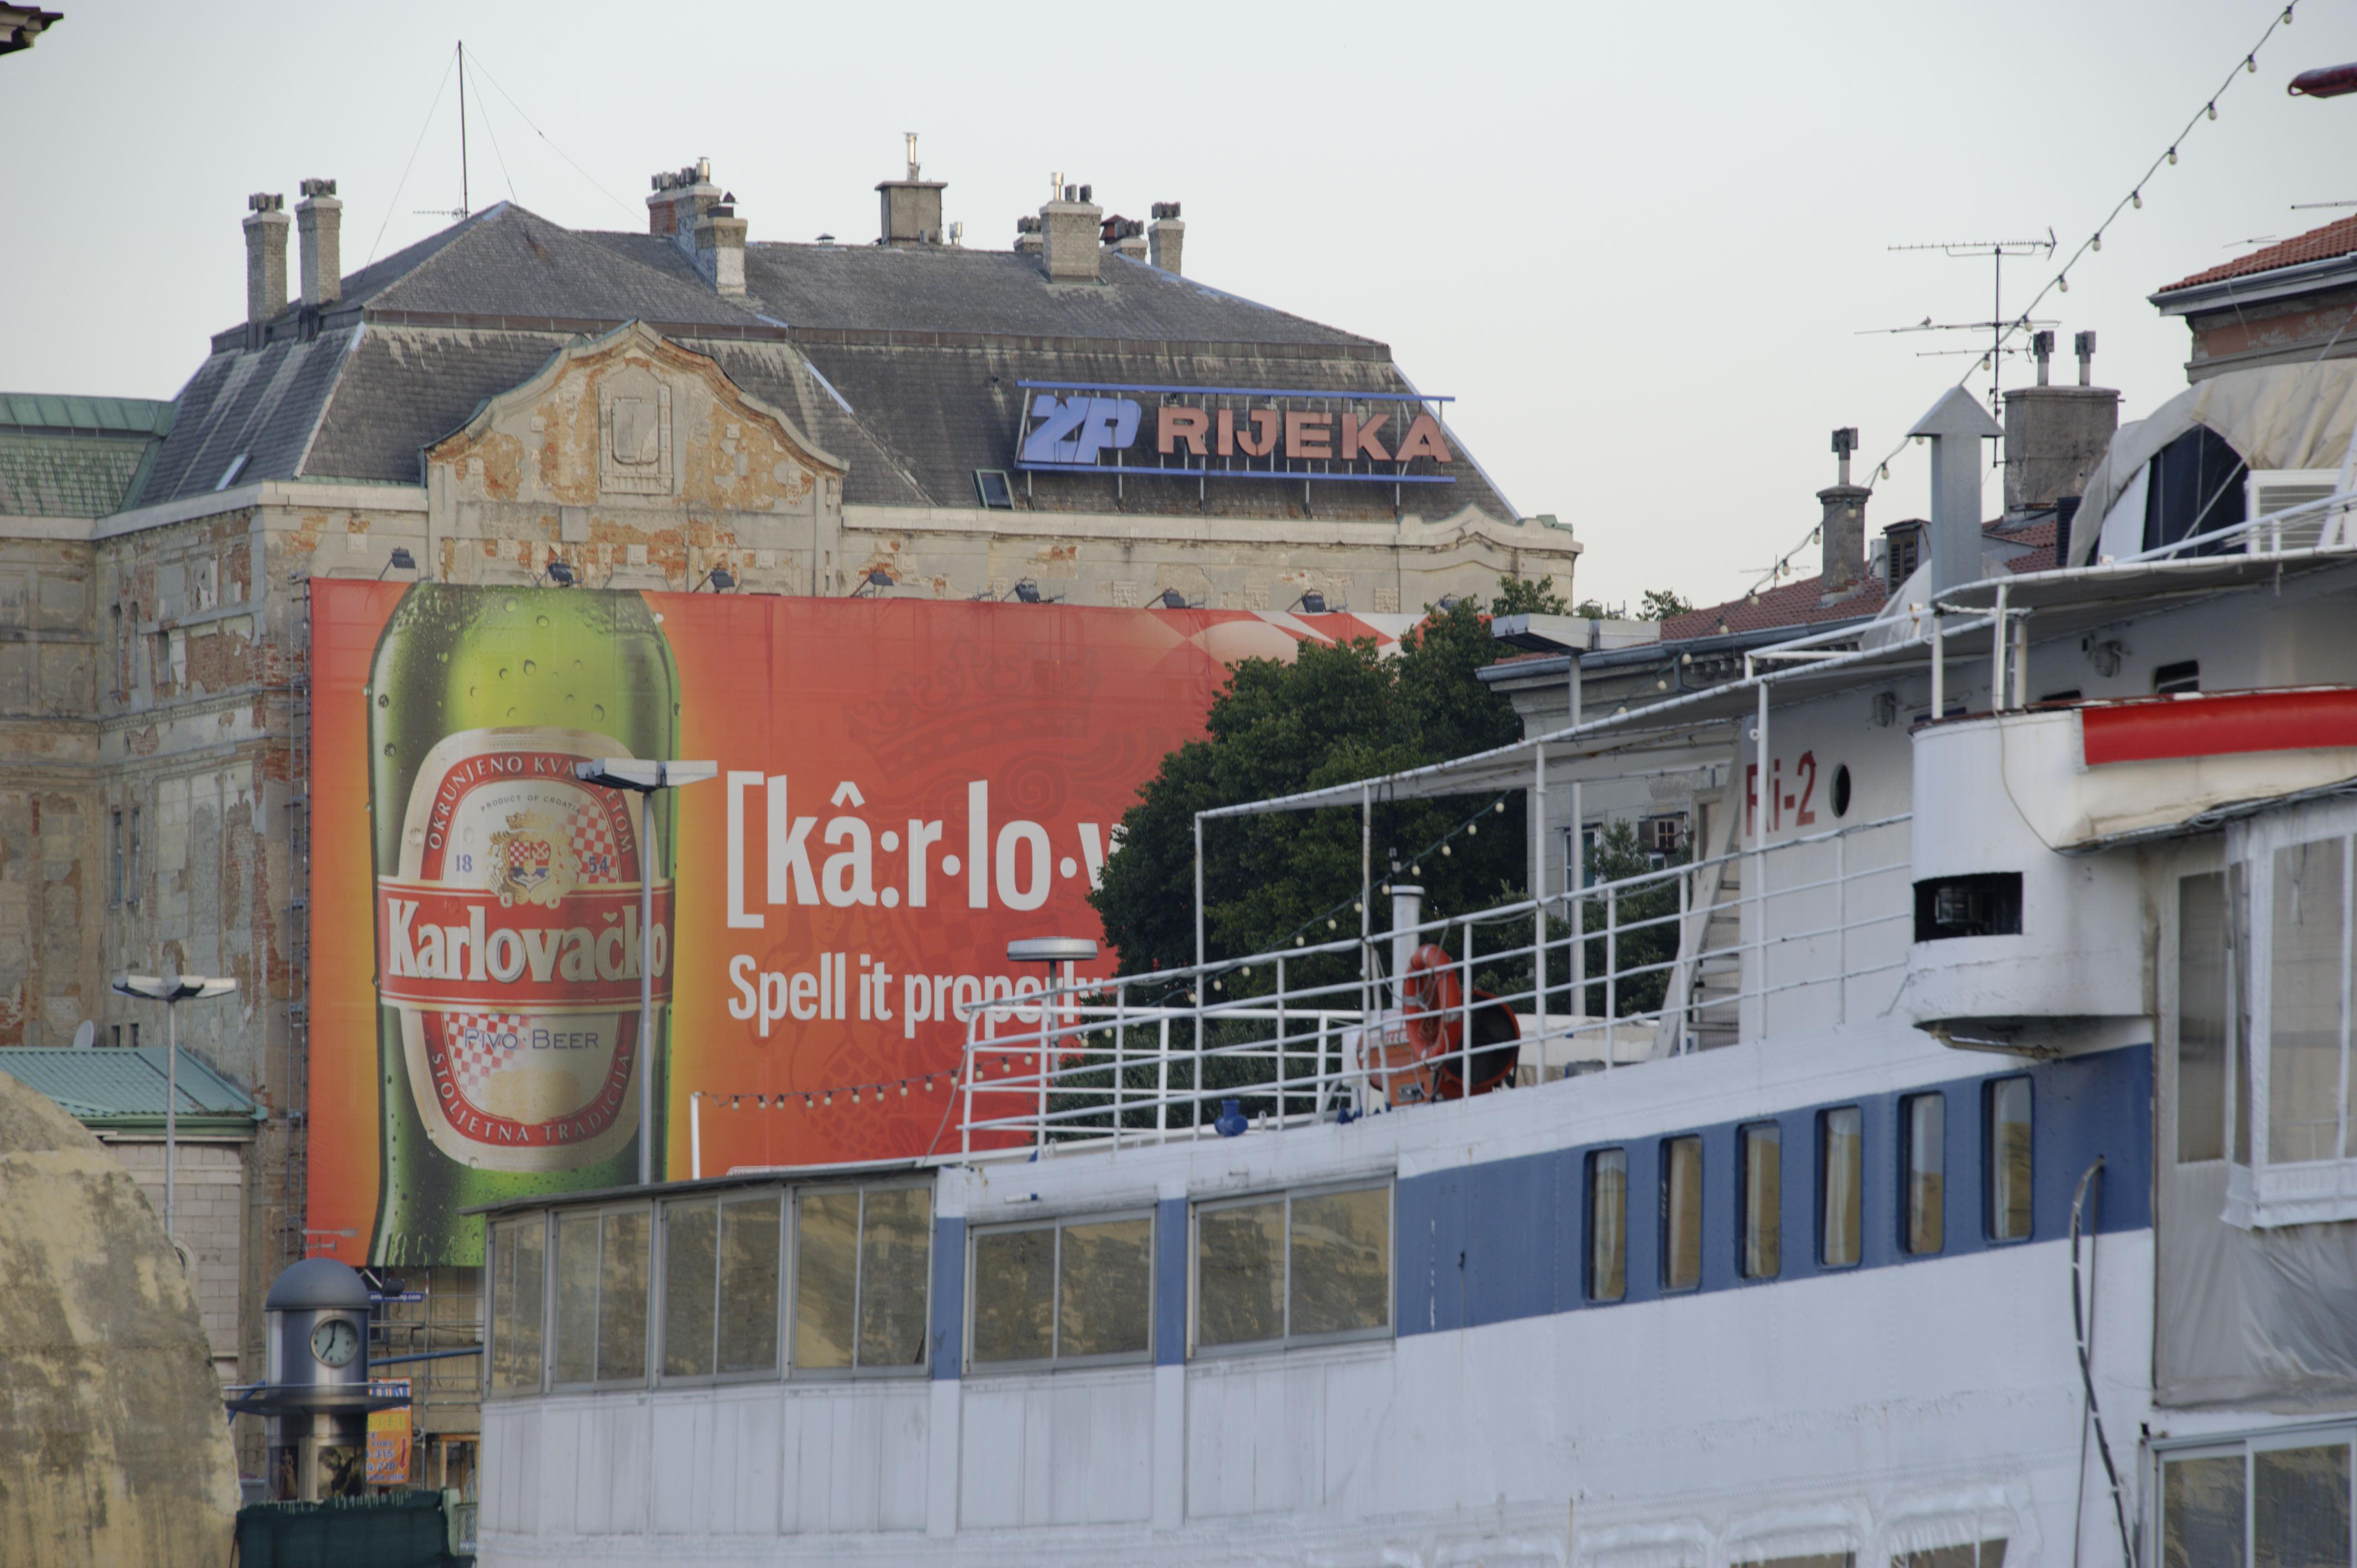 9079-Rijeka (Kvarner)